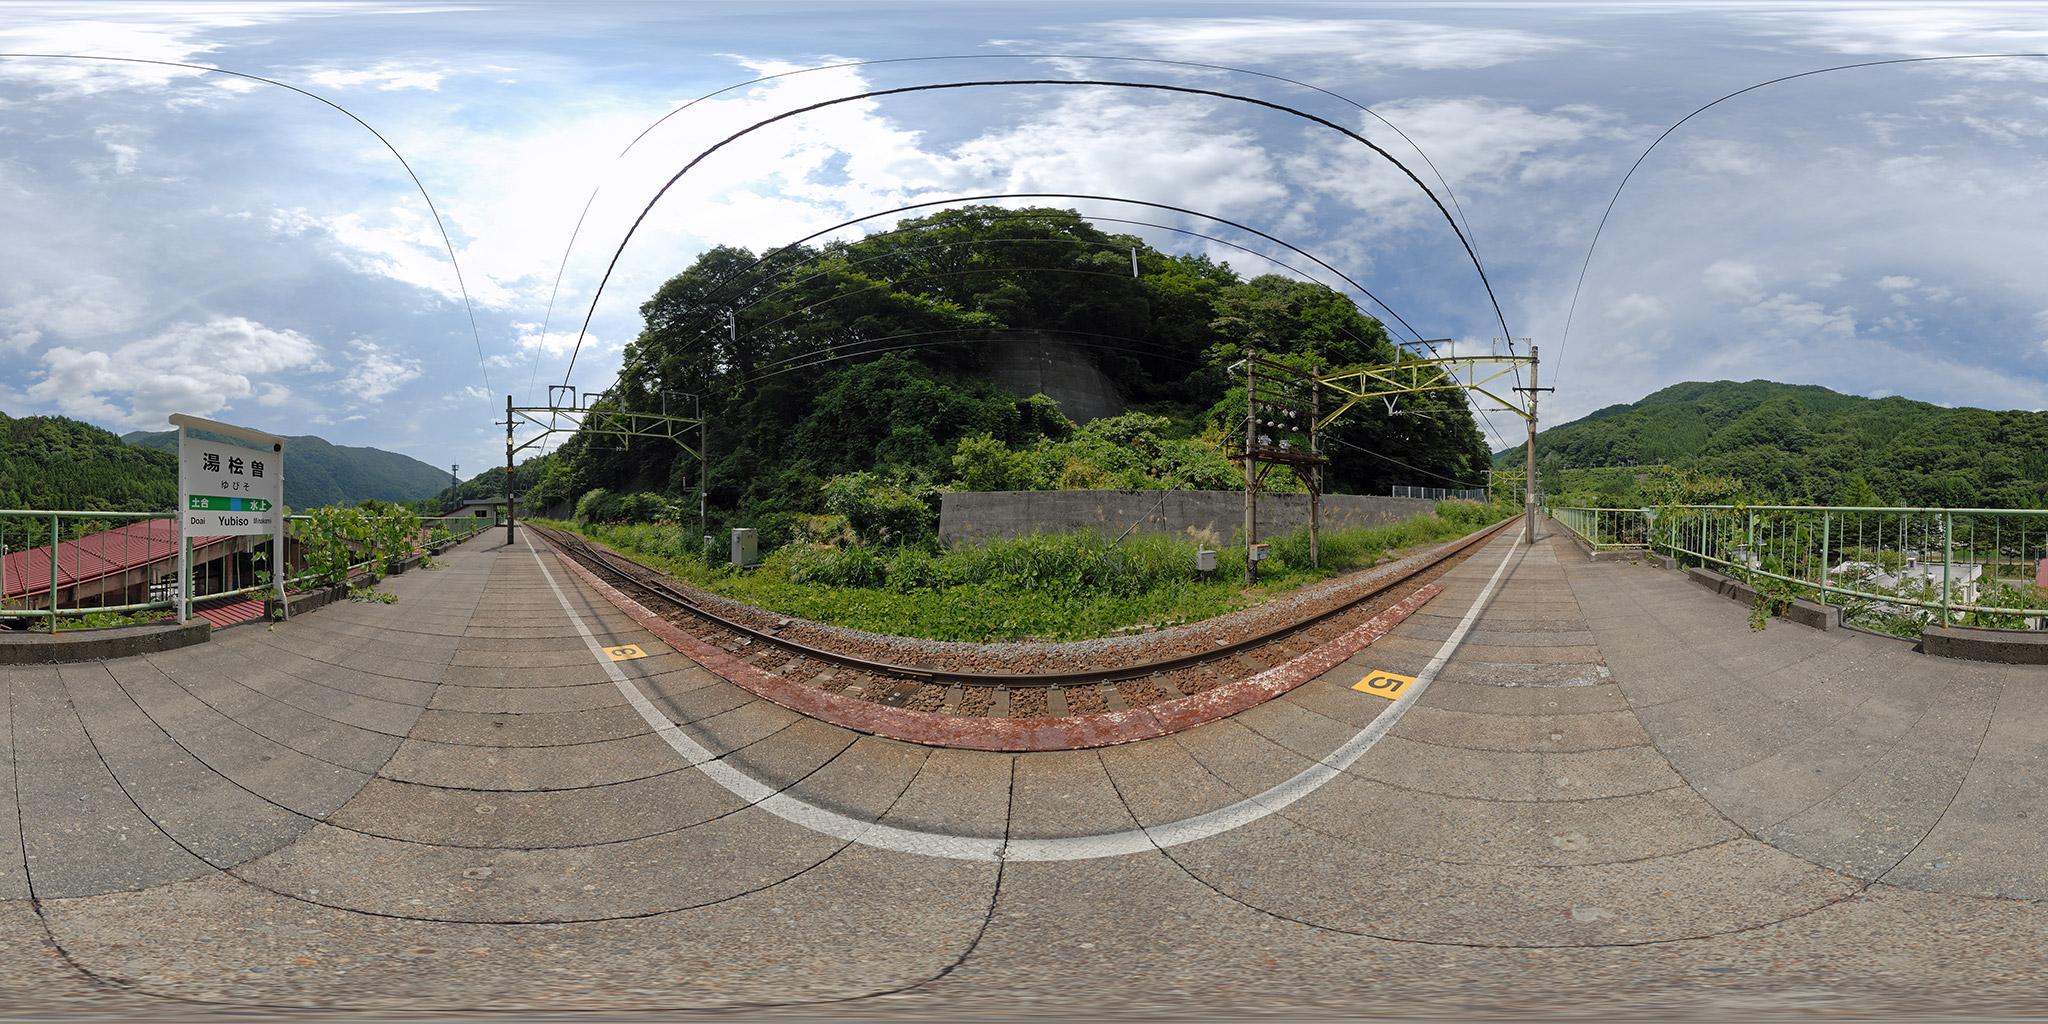 上越線土合駅の360度パノラマVRツアー